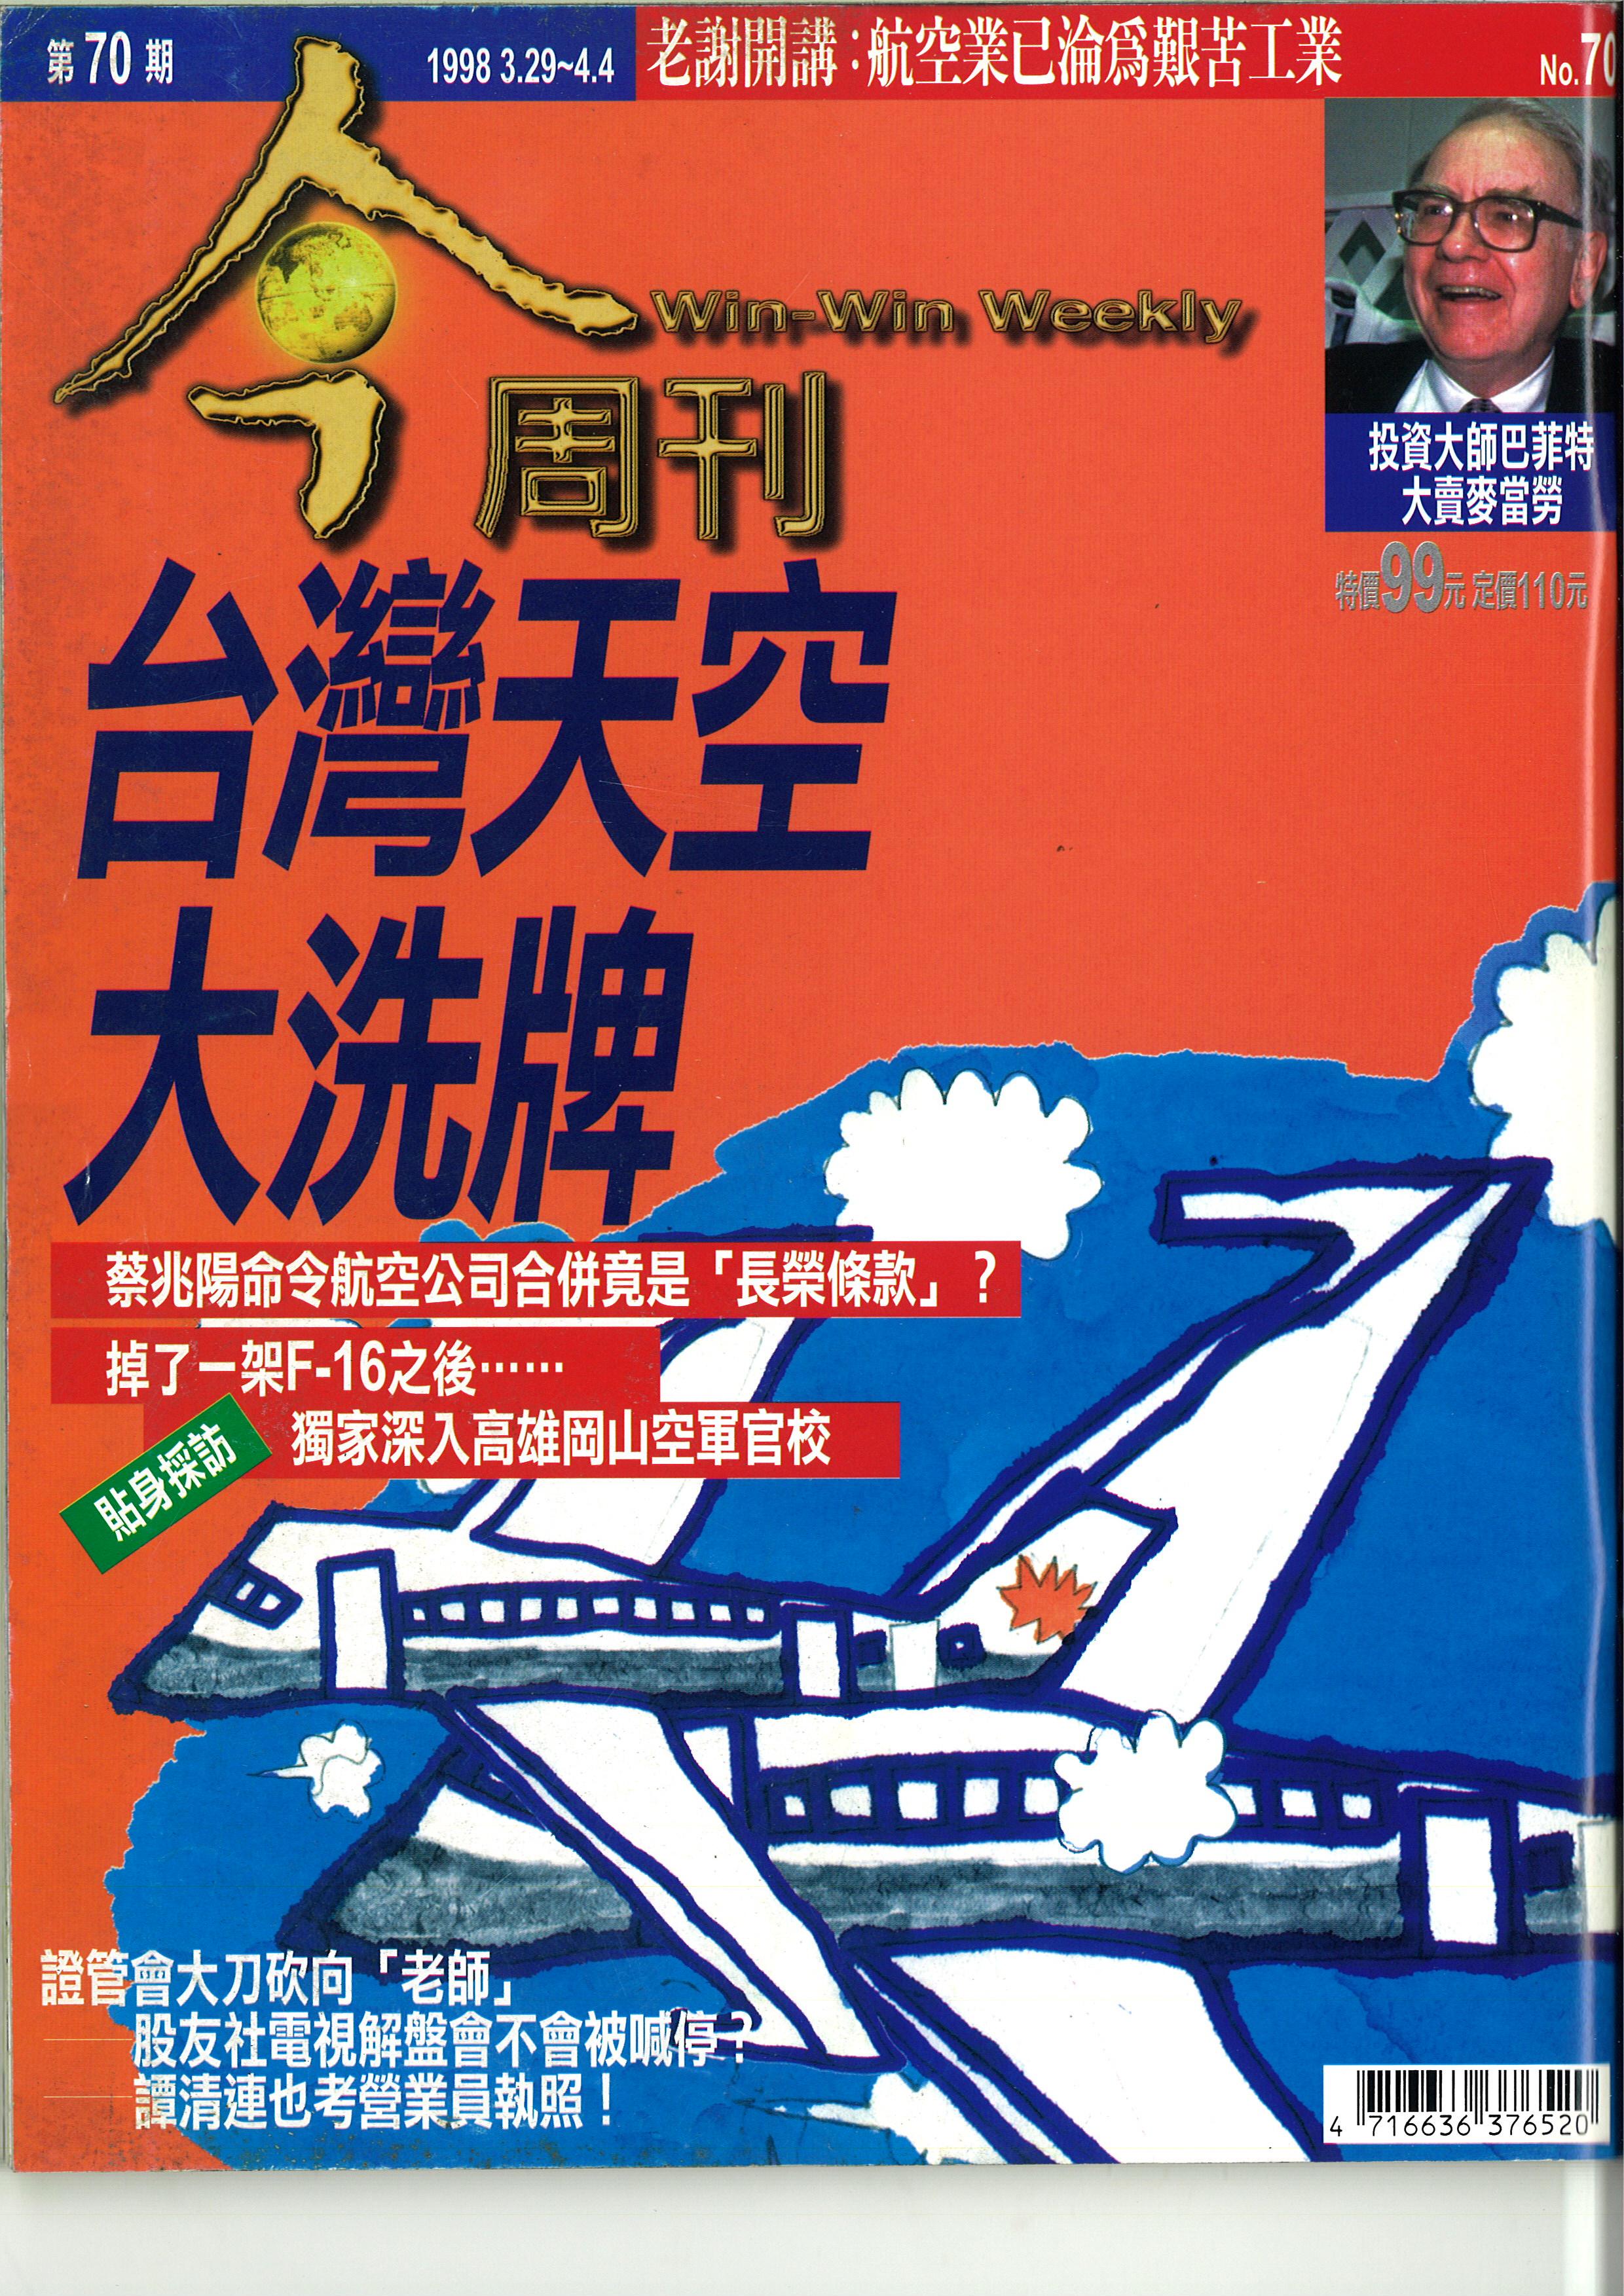 台灣天空大洗牌